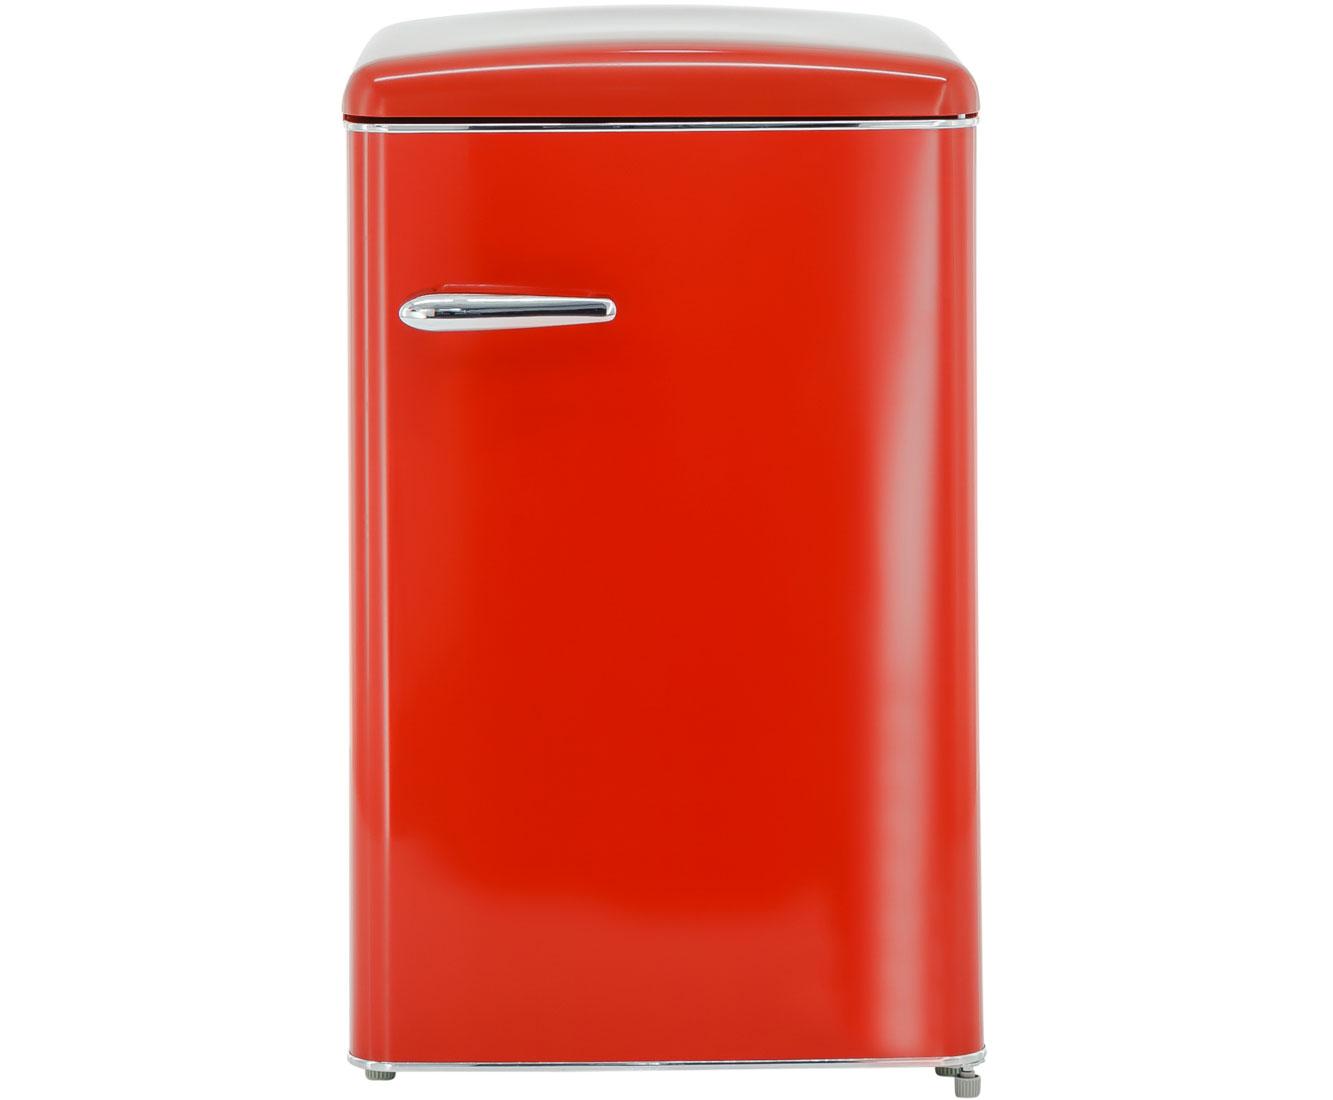 Gorenje Kühlschrank Retro Abtauen : Kühlschrank retro preisvergleich u2022 die besten angebote online kaufen